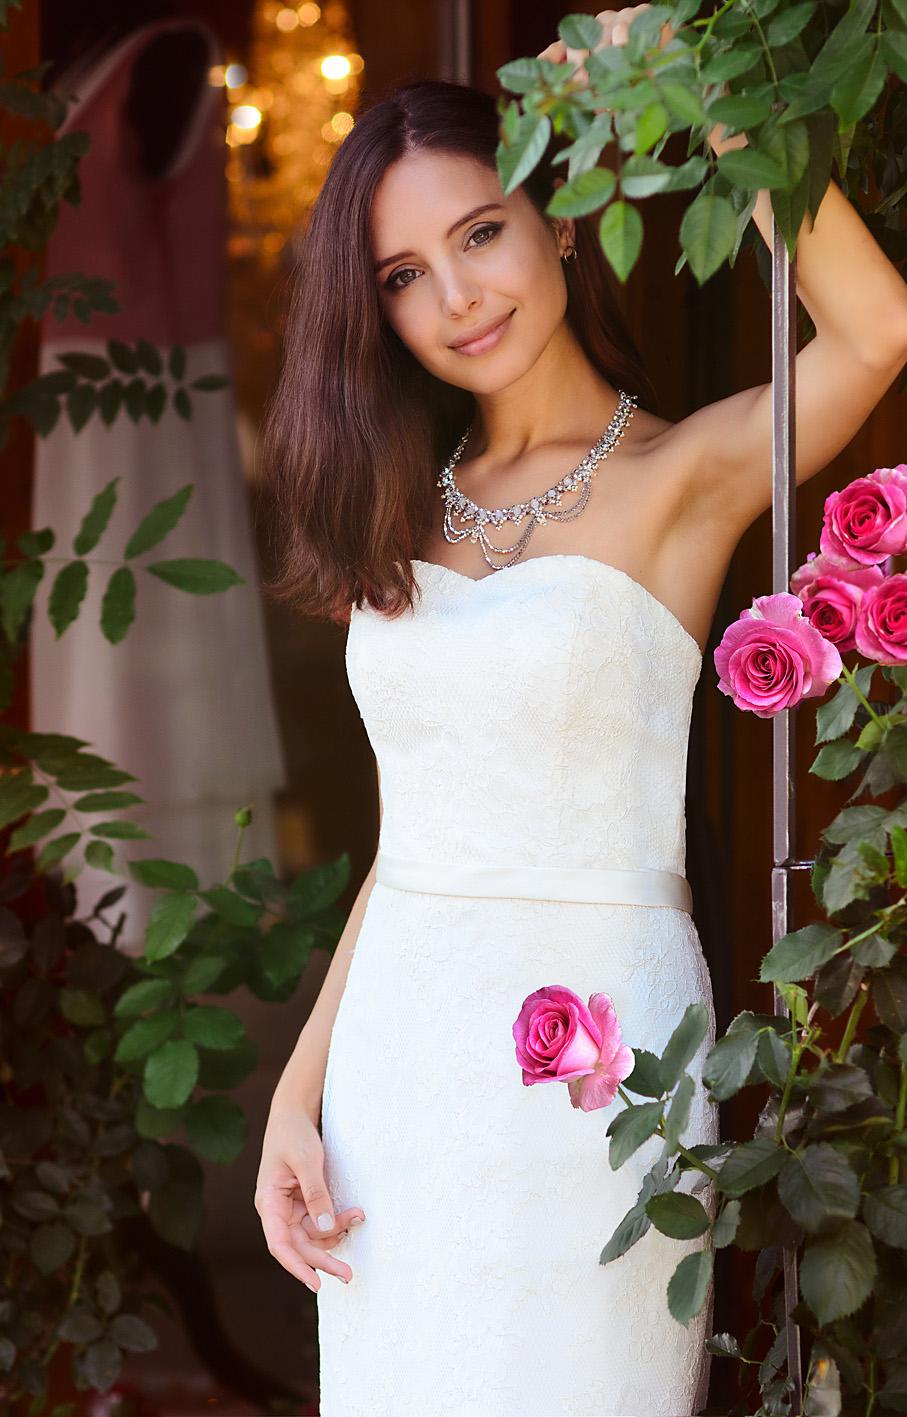 Model mit Brautkleid fotografiert von Martin Boelt.